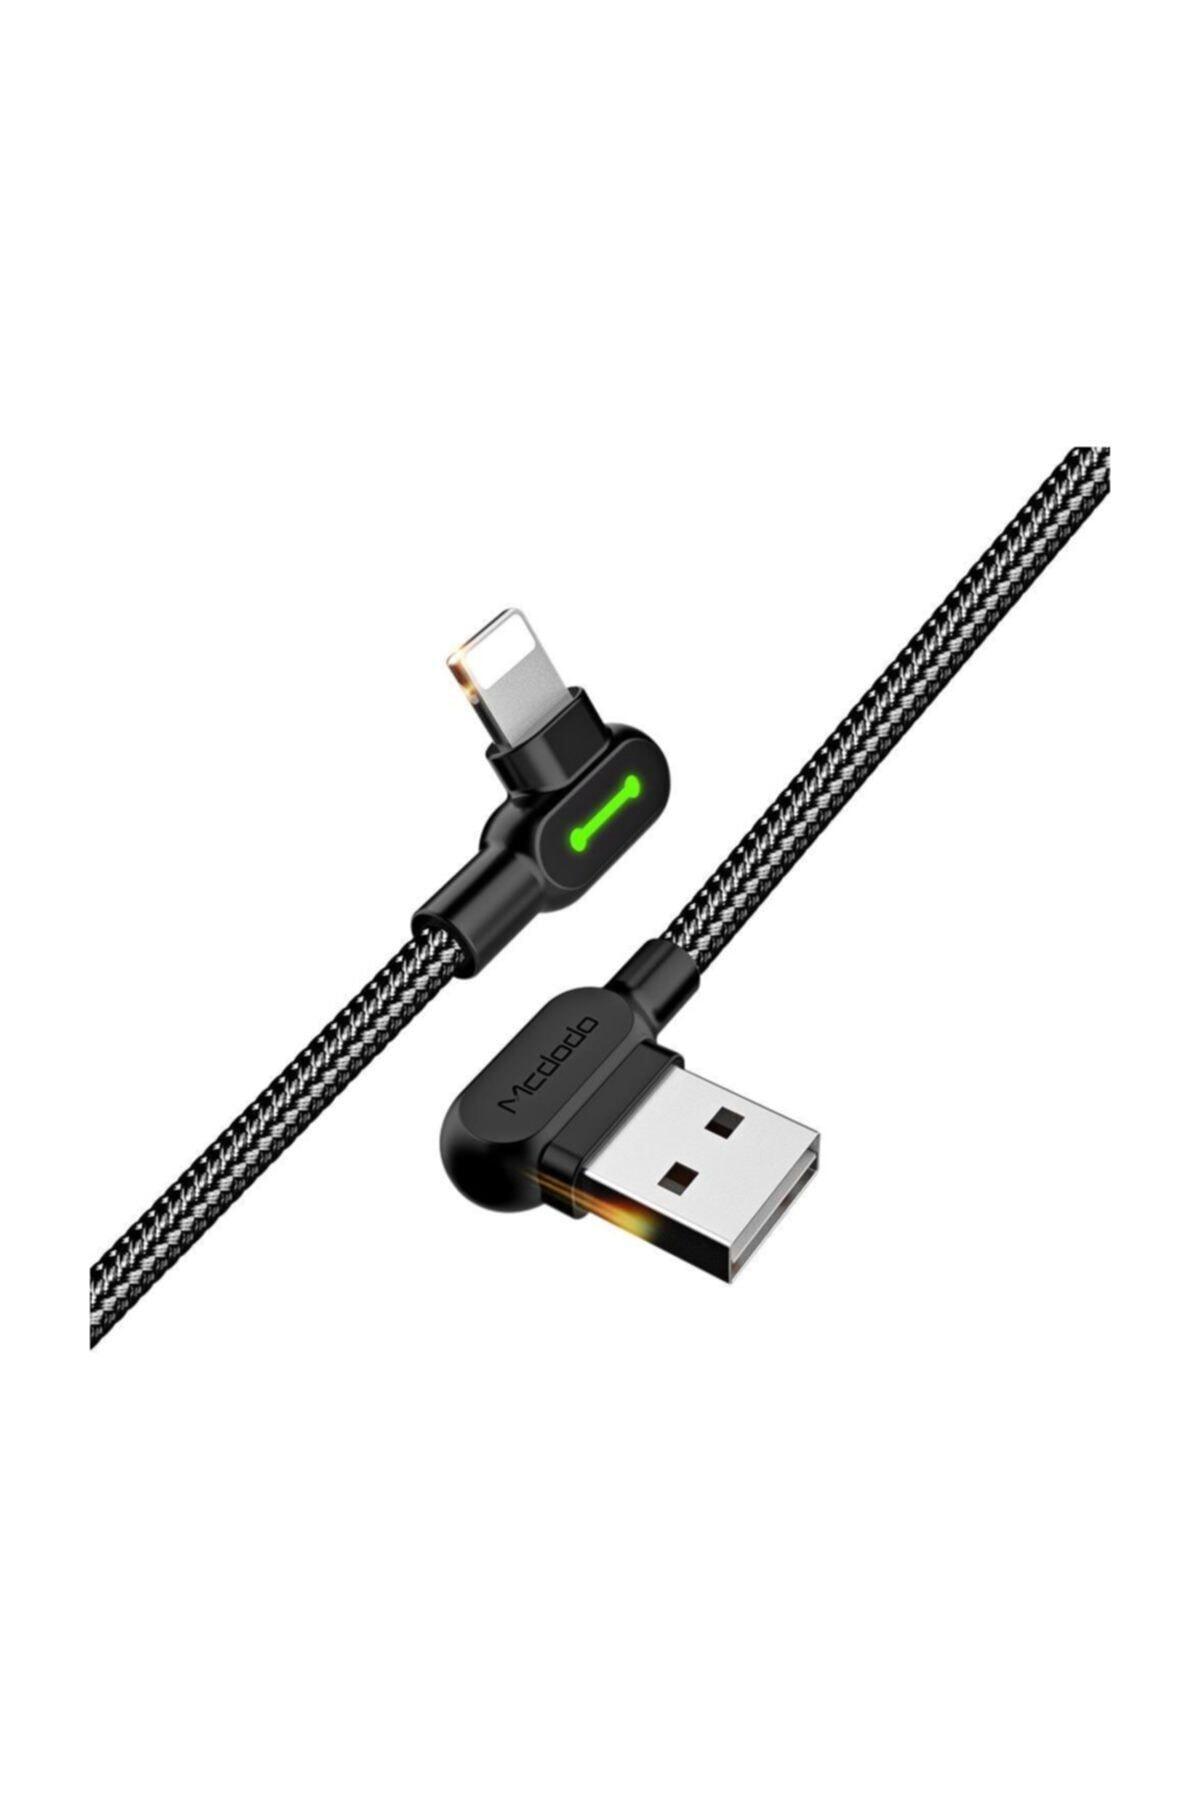 Mcdodo CA-4673 Apple iPhone Uyumlu Data ve Şarj Kablosu 1.8 metre Siyah 1